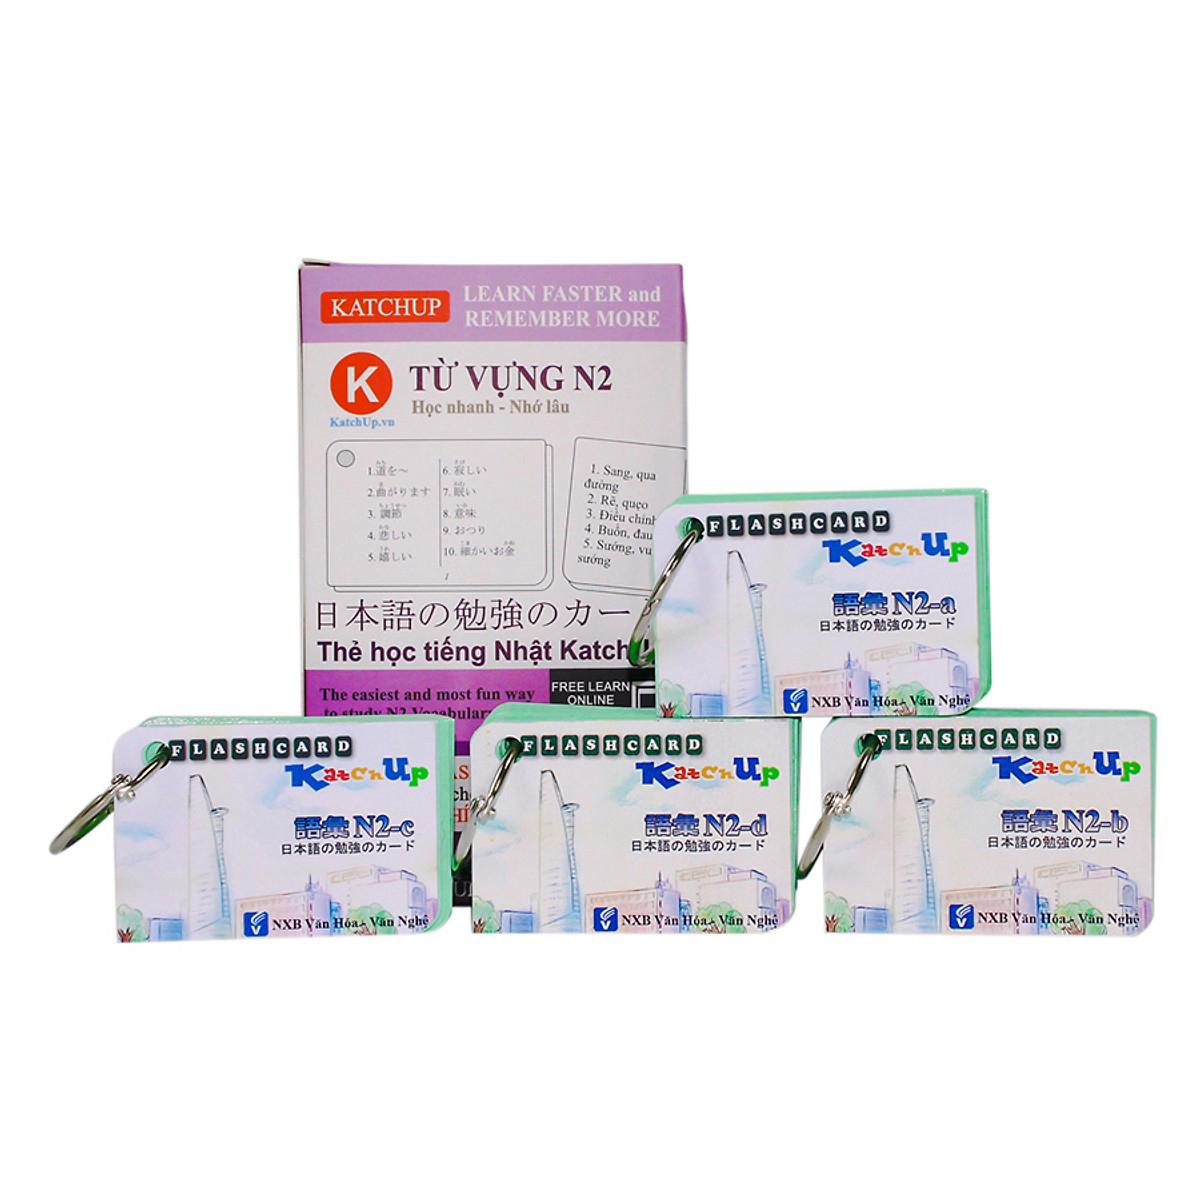 Bộ KatchUp Flashcard Từ Vựng N2 (Soumatome N2) - High Quality